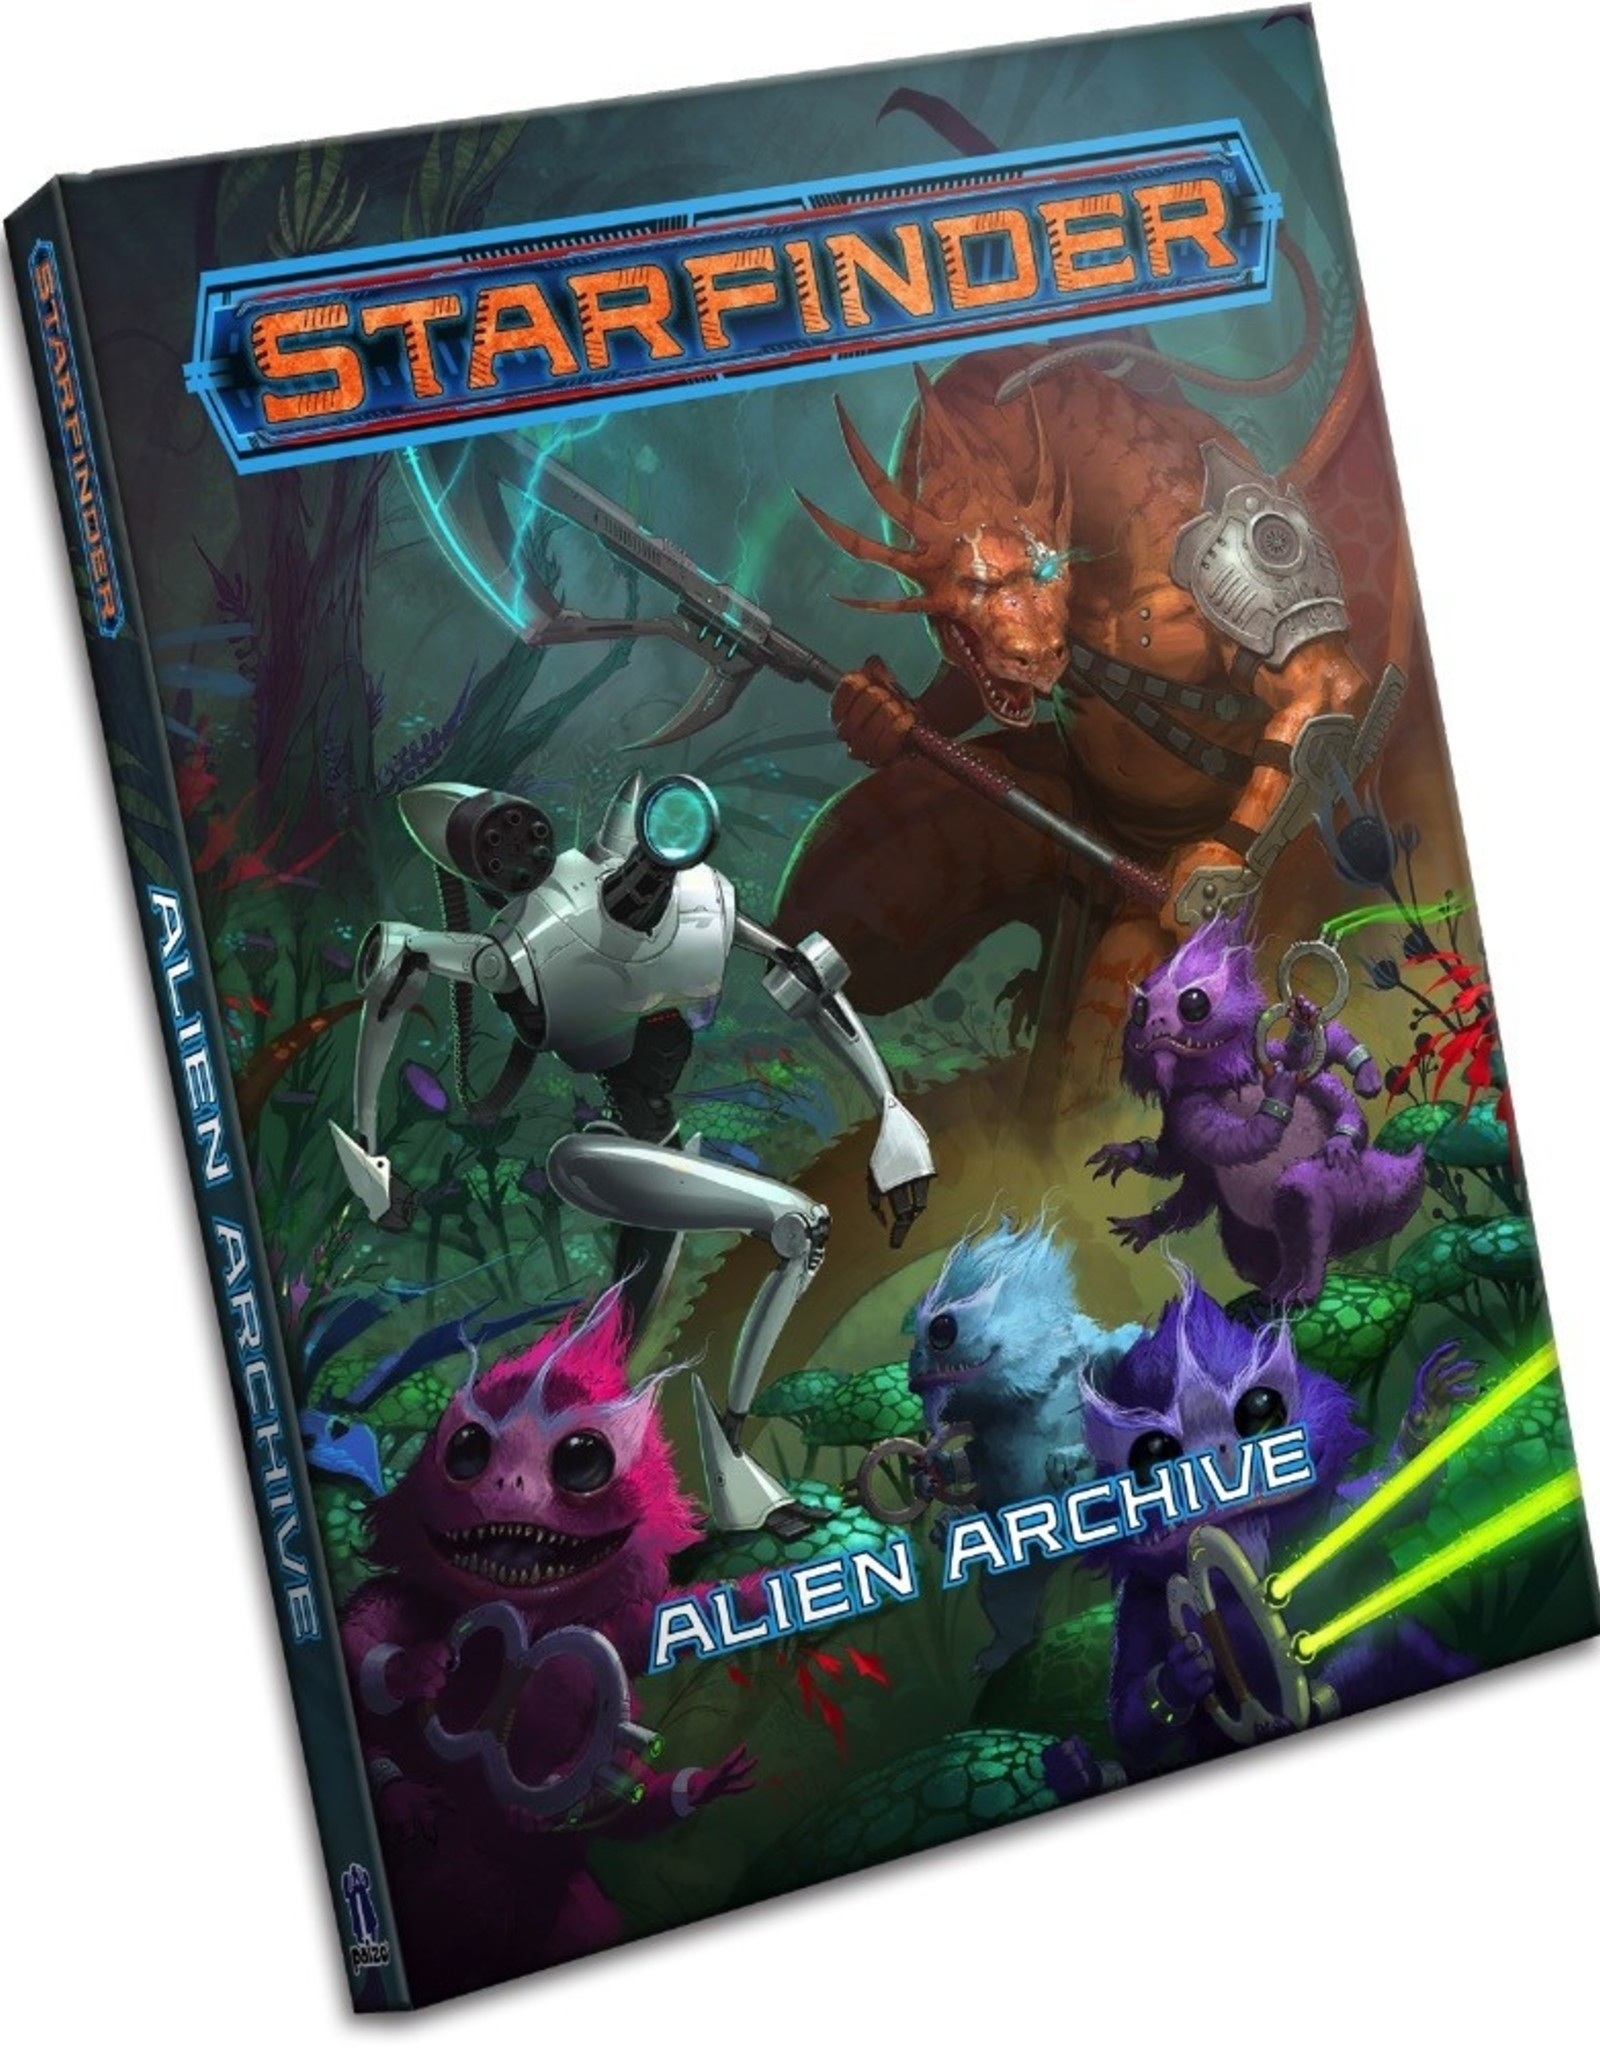 Starfinder Starfinder - Alien Archive